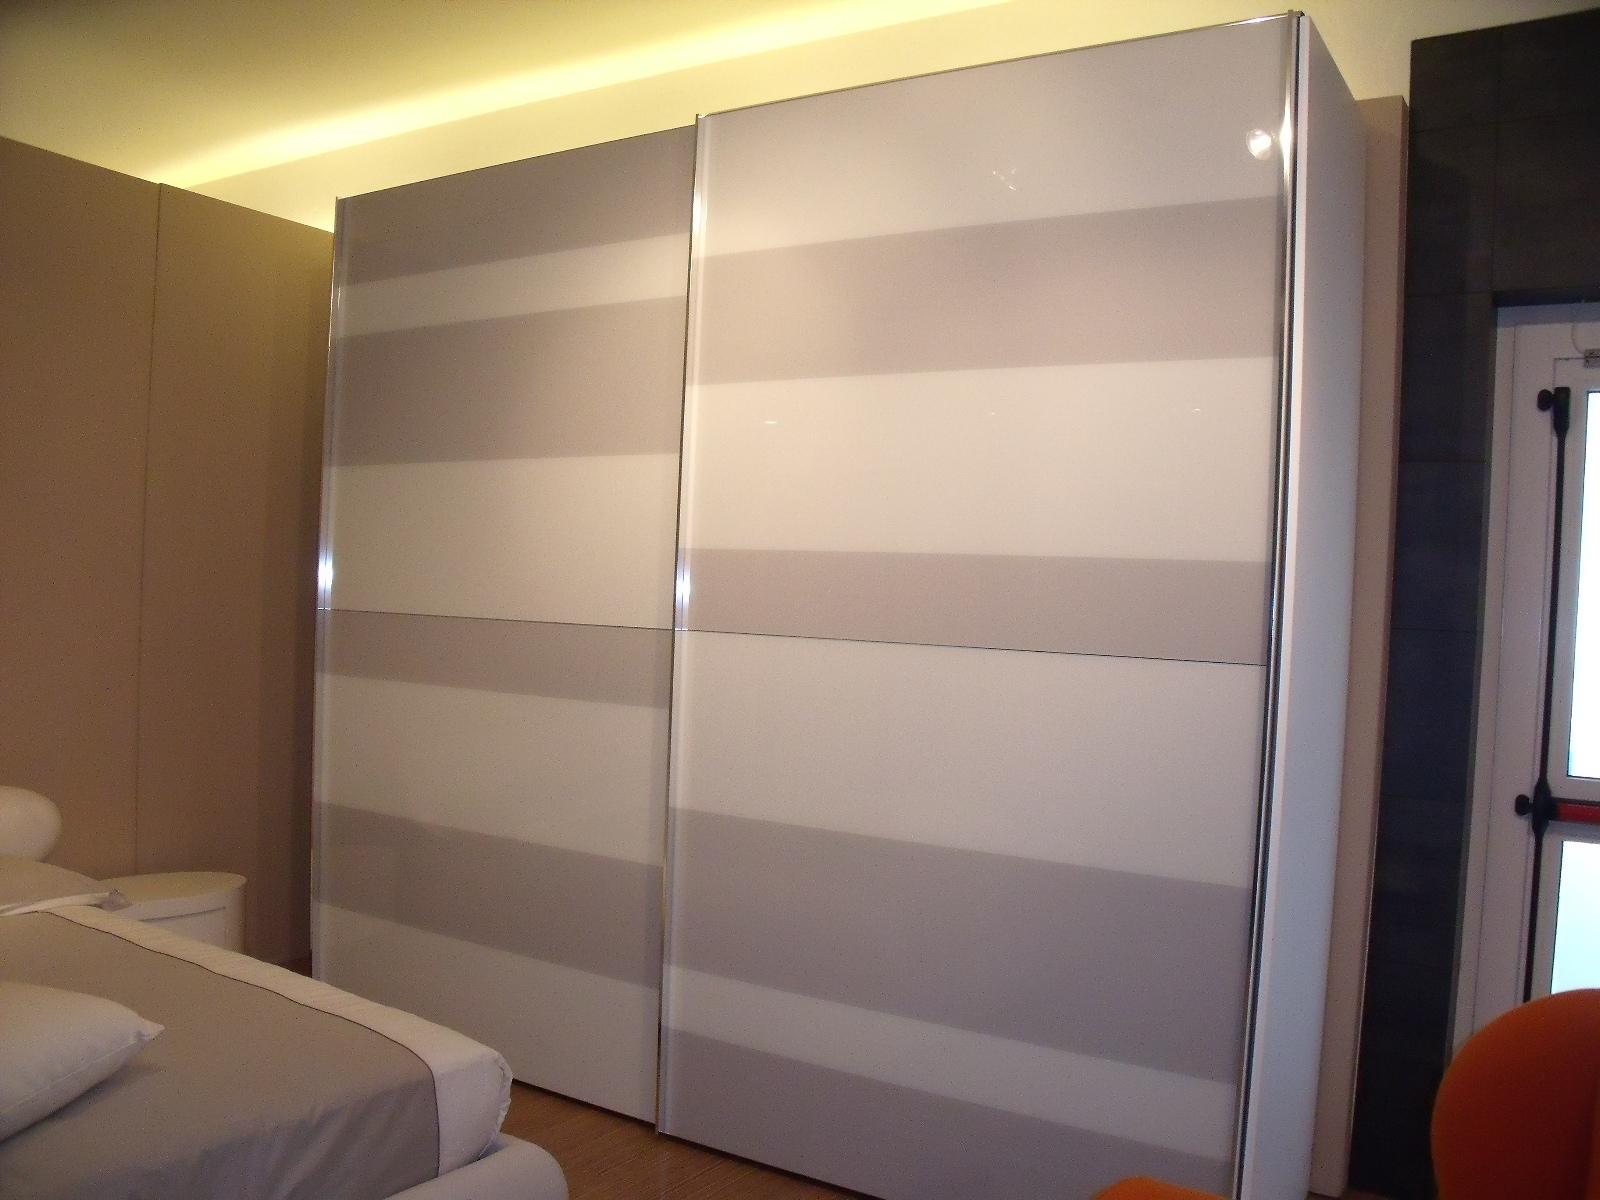 Lampadario bagno ikea - Ikea armadi a muro ...